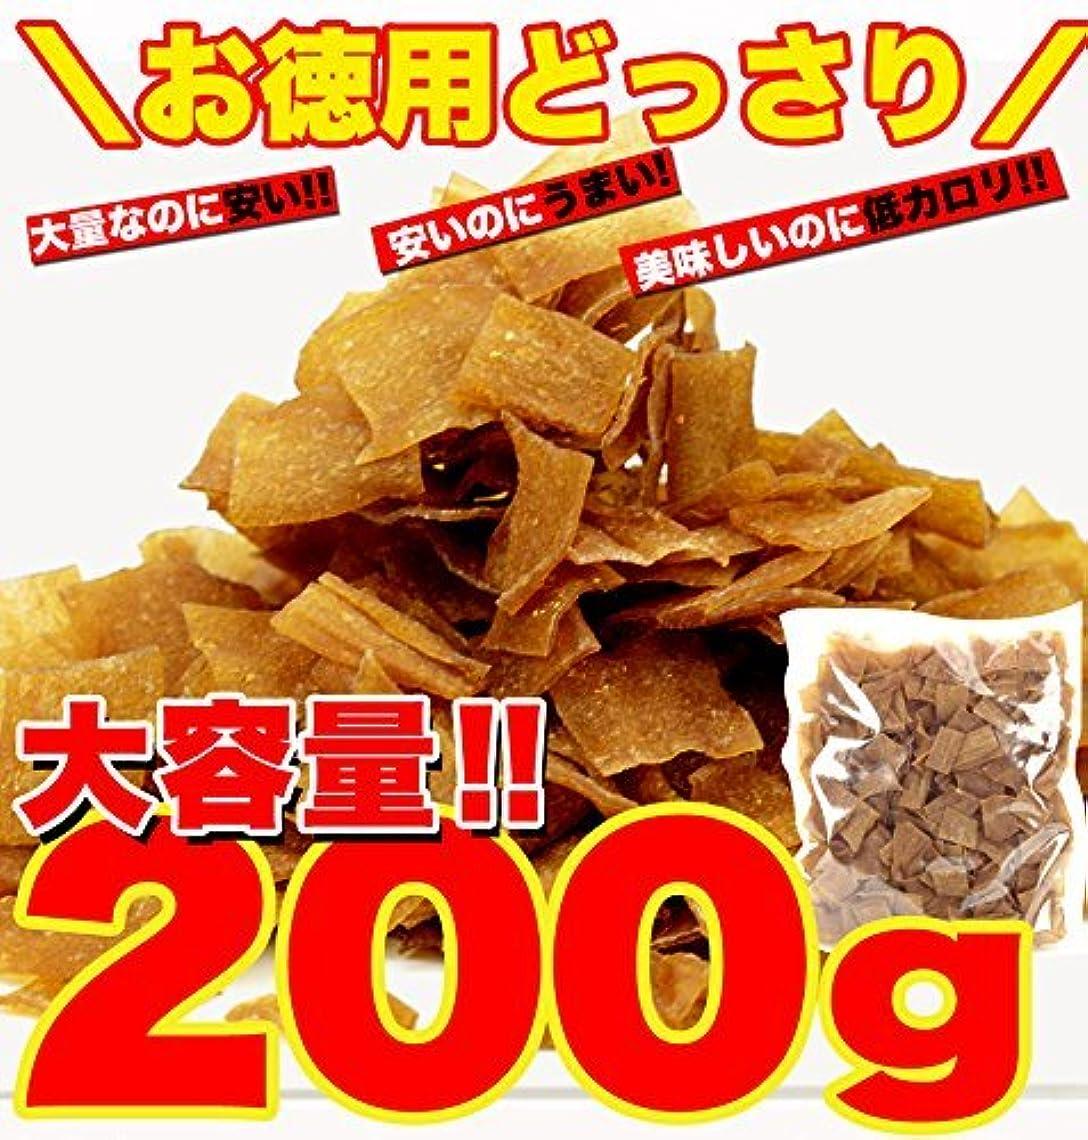 したがってほこりっぽい伝記国産こんにゃく使用!!群馬県下仁田のこんにゃくの名店が作るこだわりの「こんにゃくチップ」です!  お徳用☆ダイエットこんにゃくチップ200g